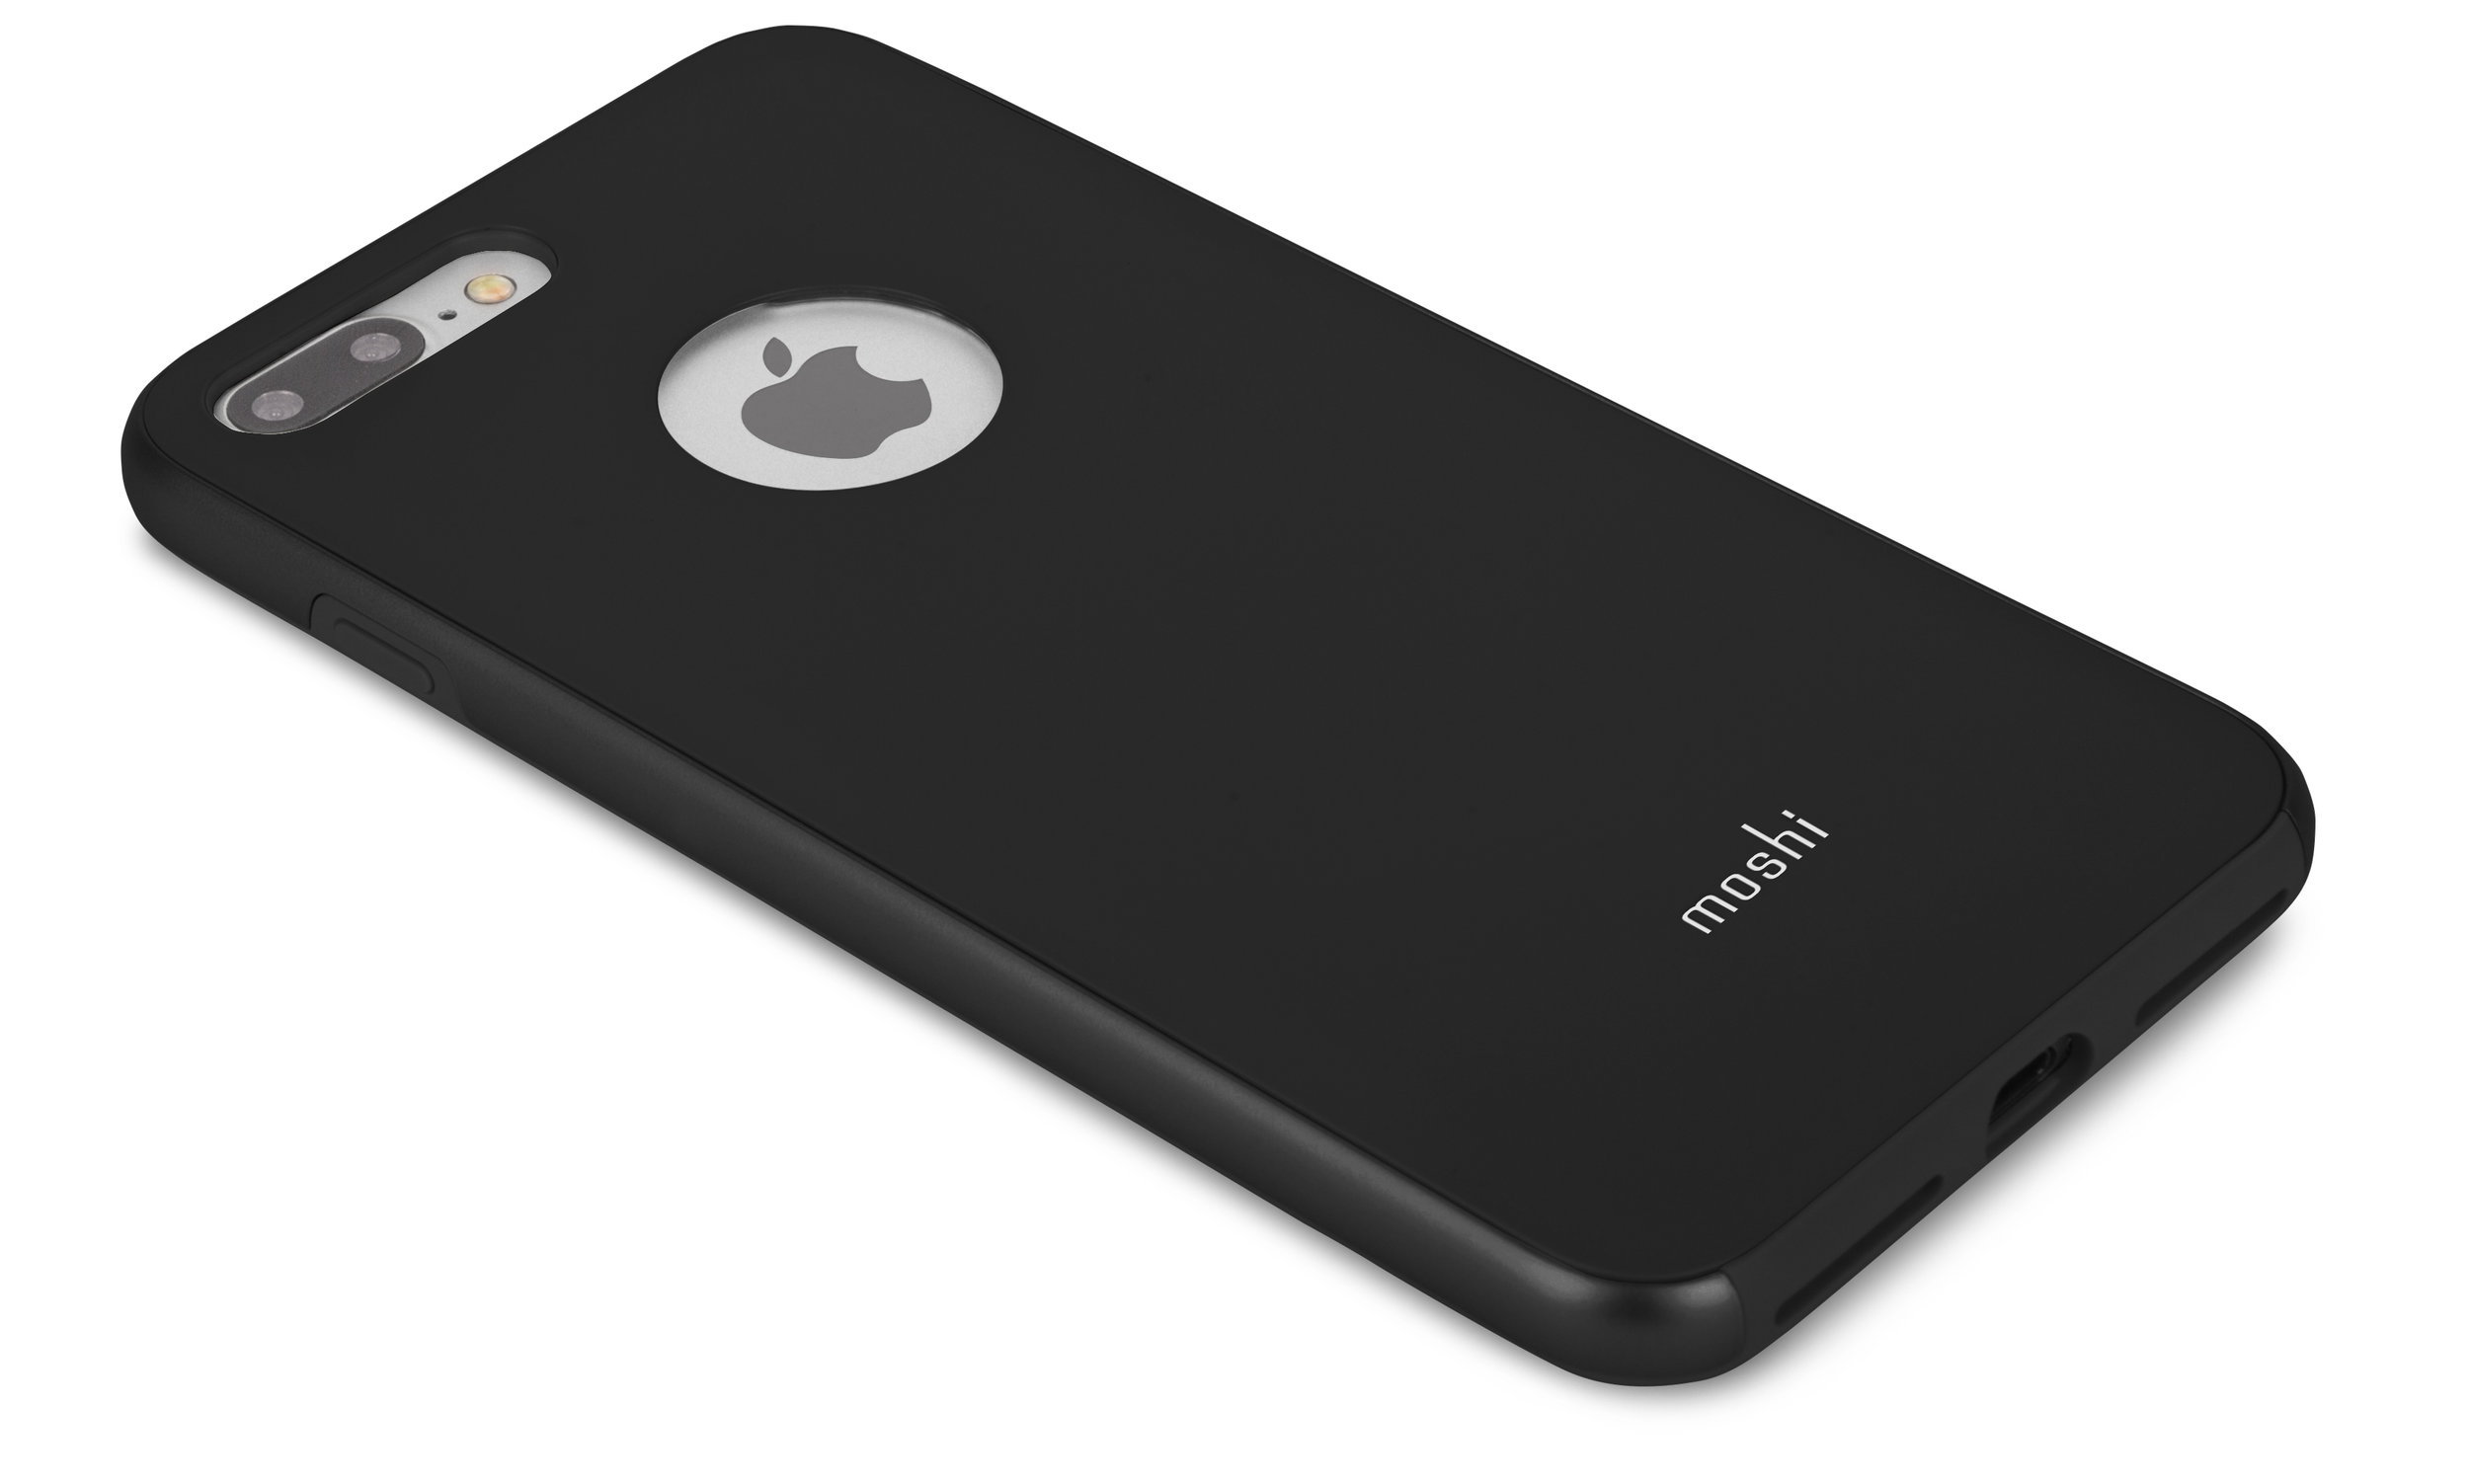 iGlaze Hardshell Case in Black